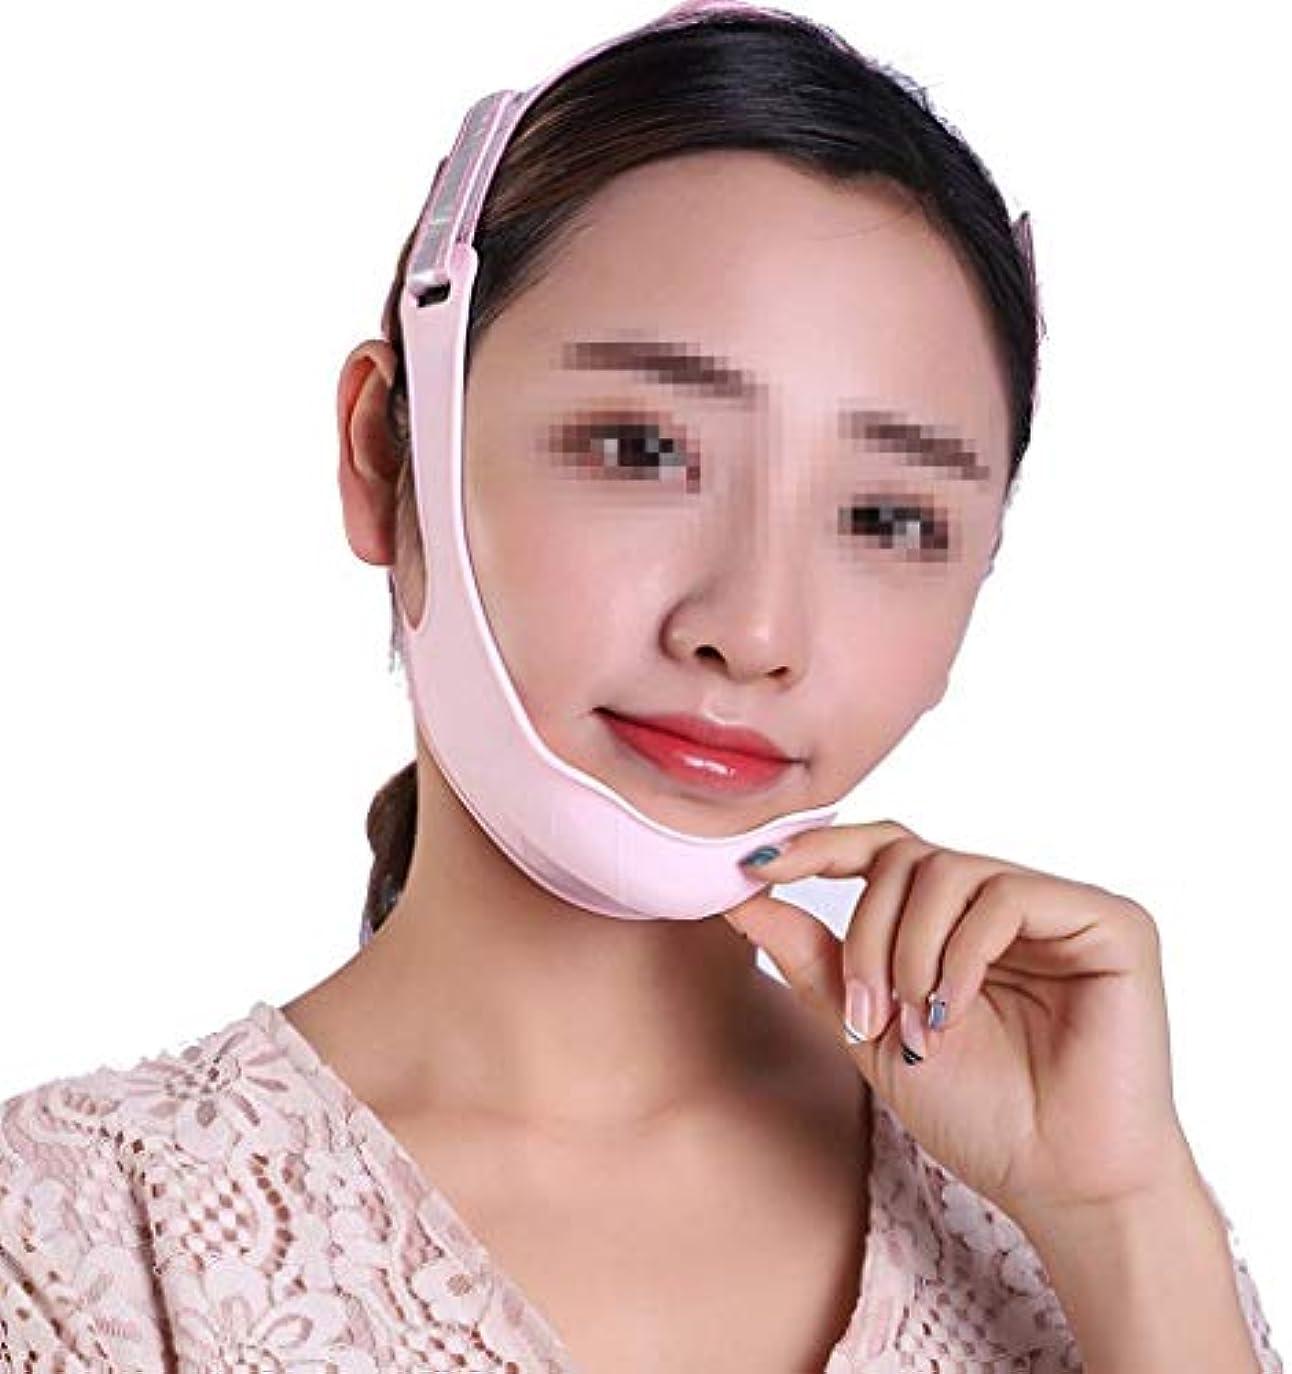 スケジュール芸術農村美容と実用的なシリコンフェイスマスク、小さなV顔薄い顔包帯リフティング顔引き締めアーティファクトマッサージ師スキニー顔美容バー